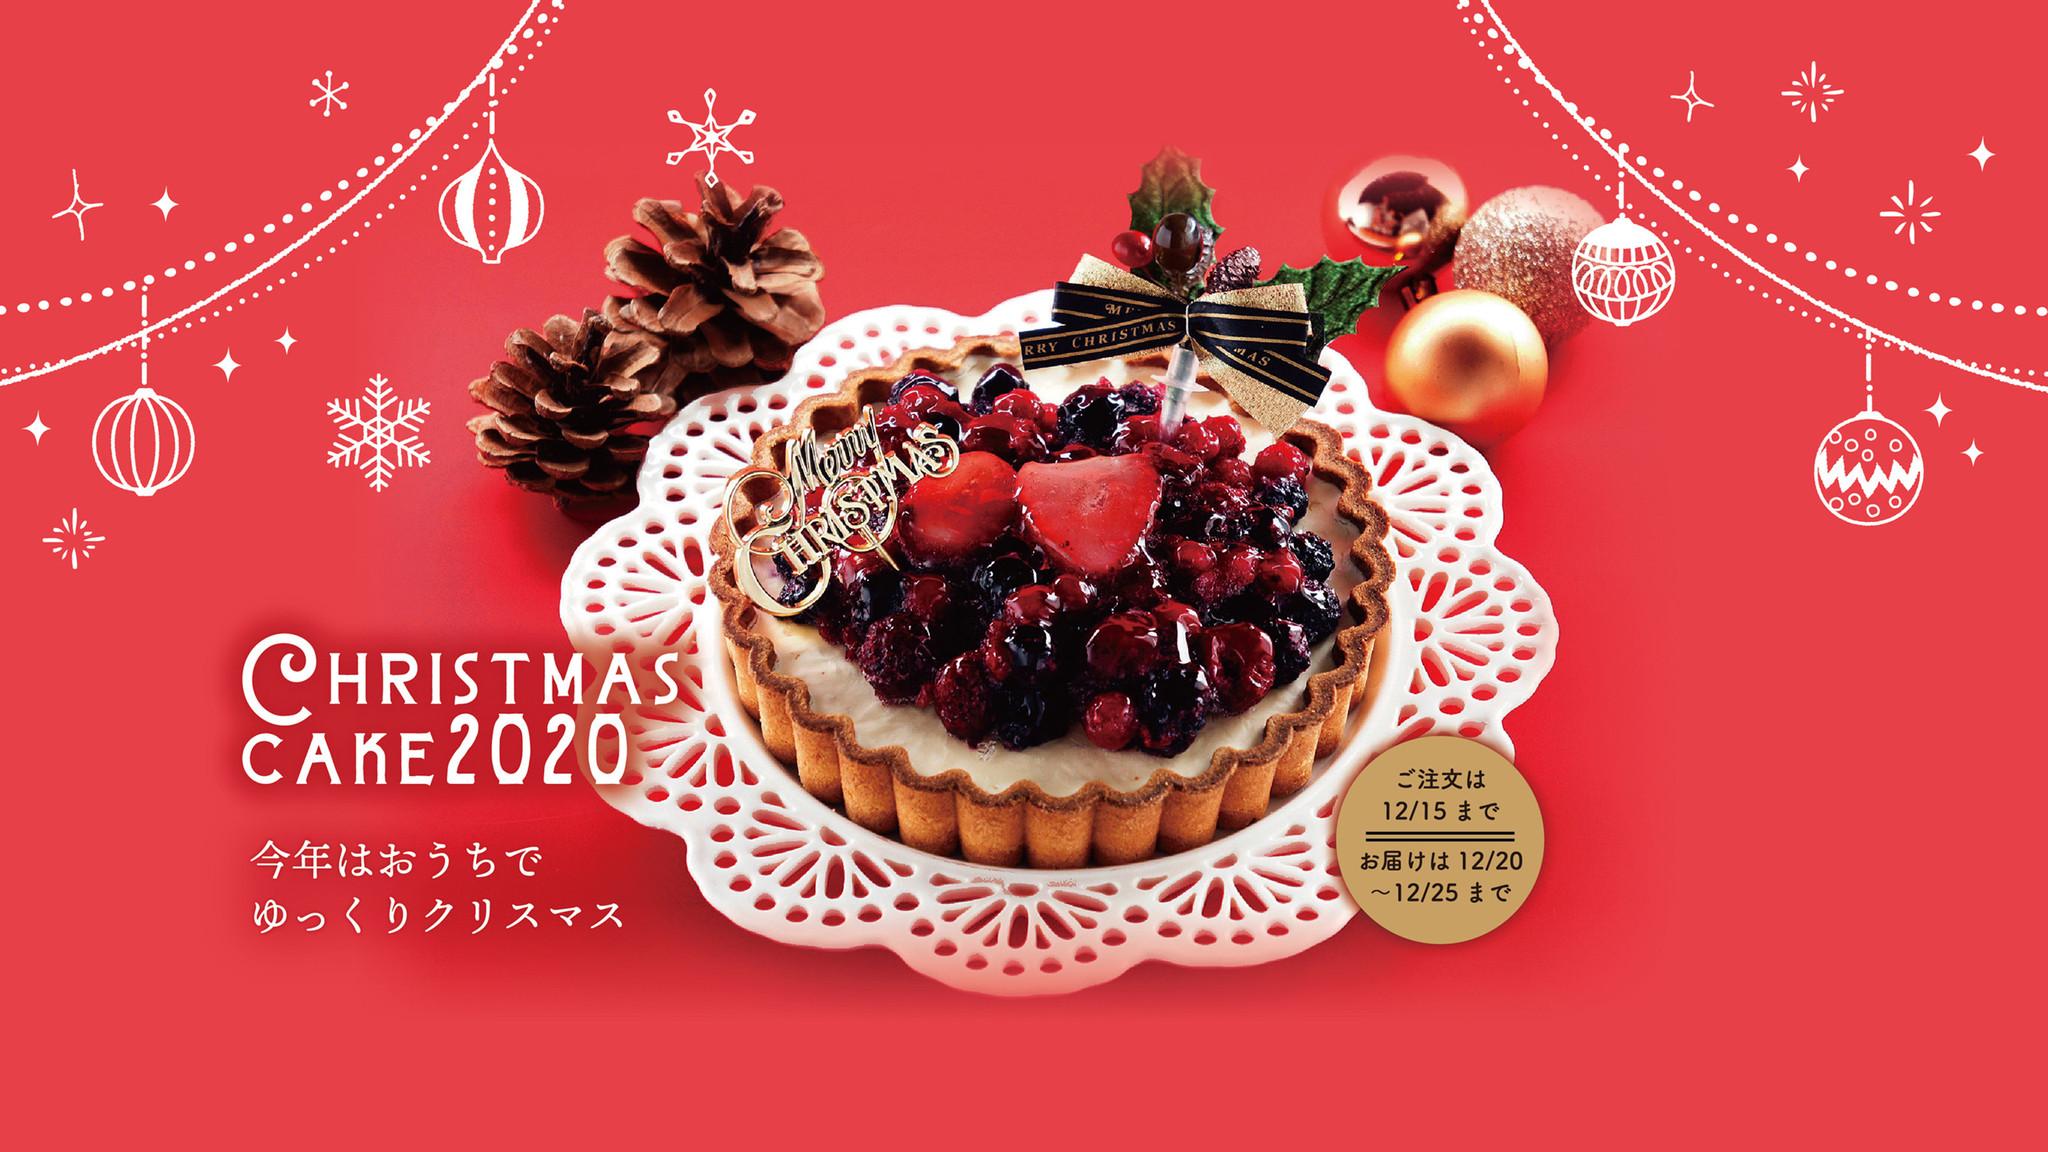 【ご予約は12/15まで】クリスマスケーキご予約開始致しました!